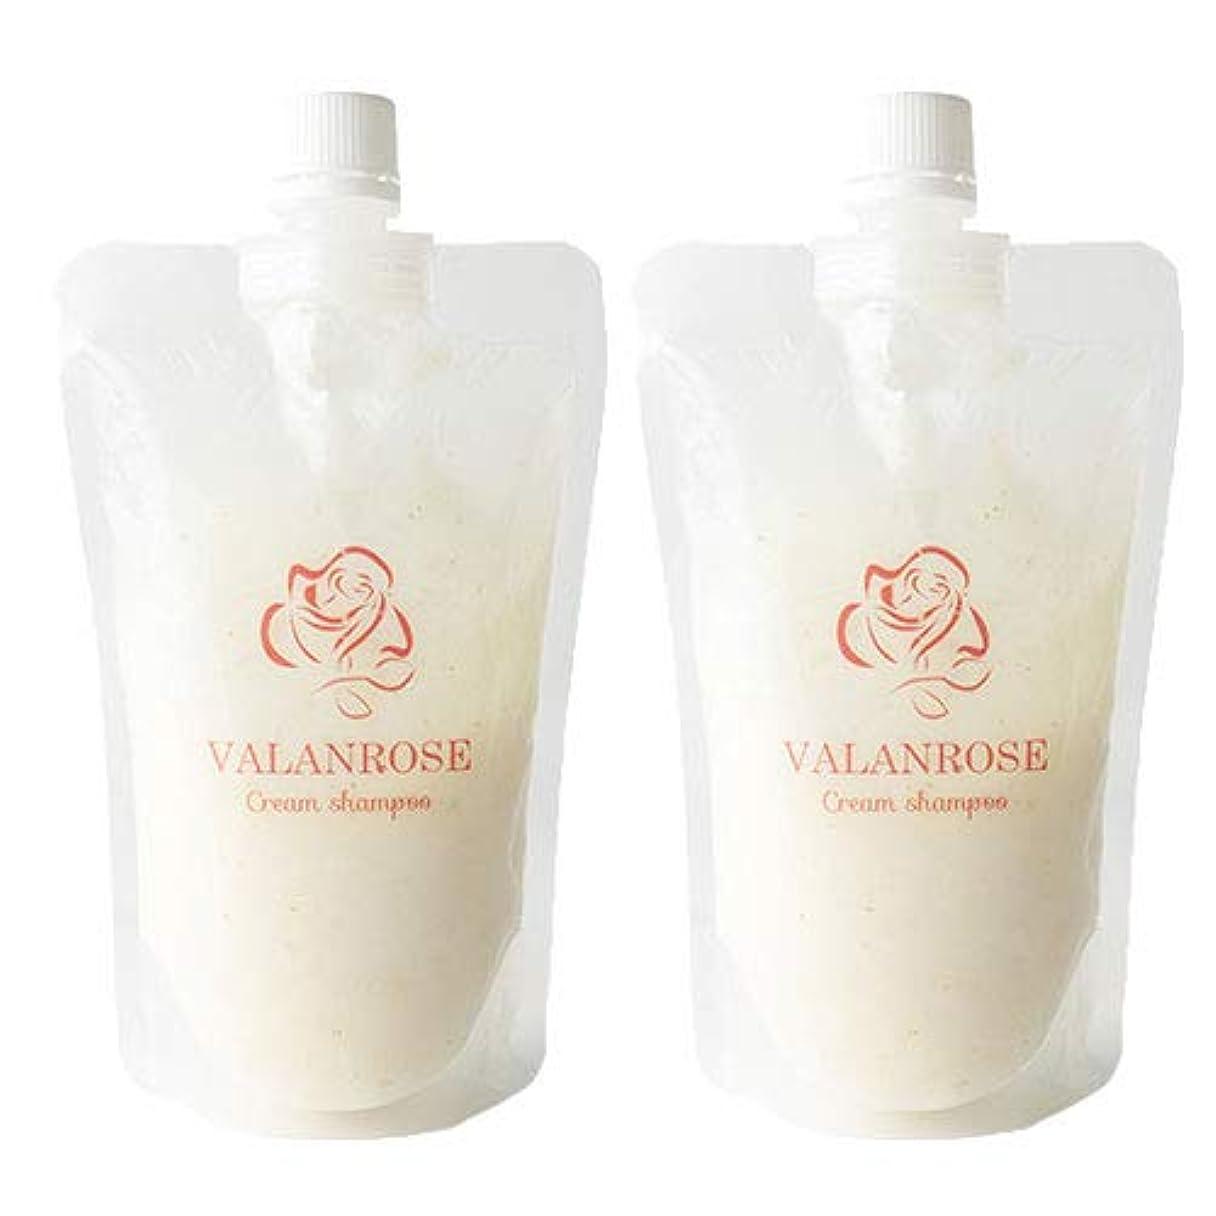 純粋な接ぎ木発信バランローズ クリームシャンプー2個×1セット VALANROSE Cream shampoo/シャンプー クリームシャンプー 髪 ヘアケア